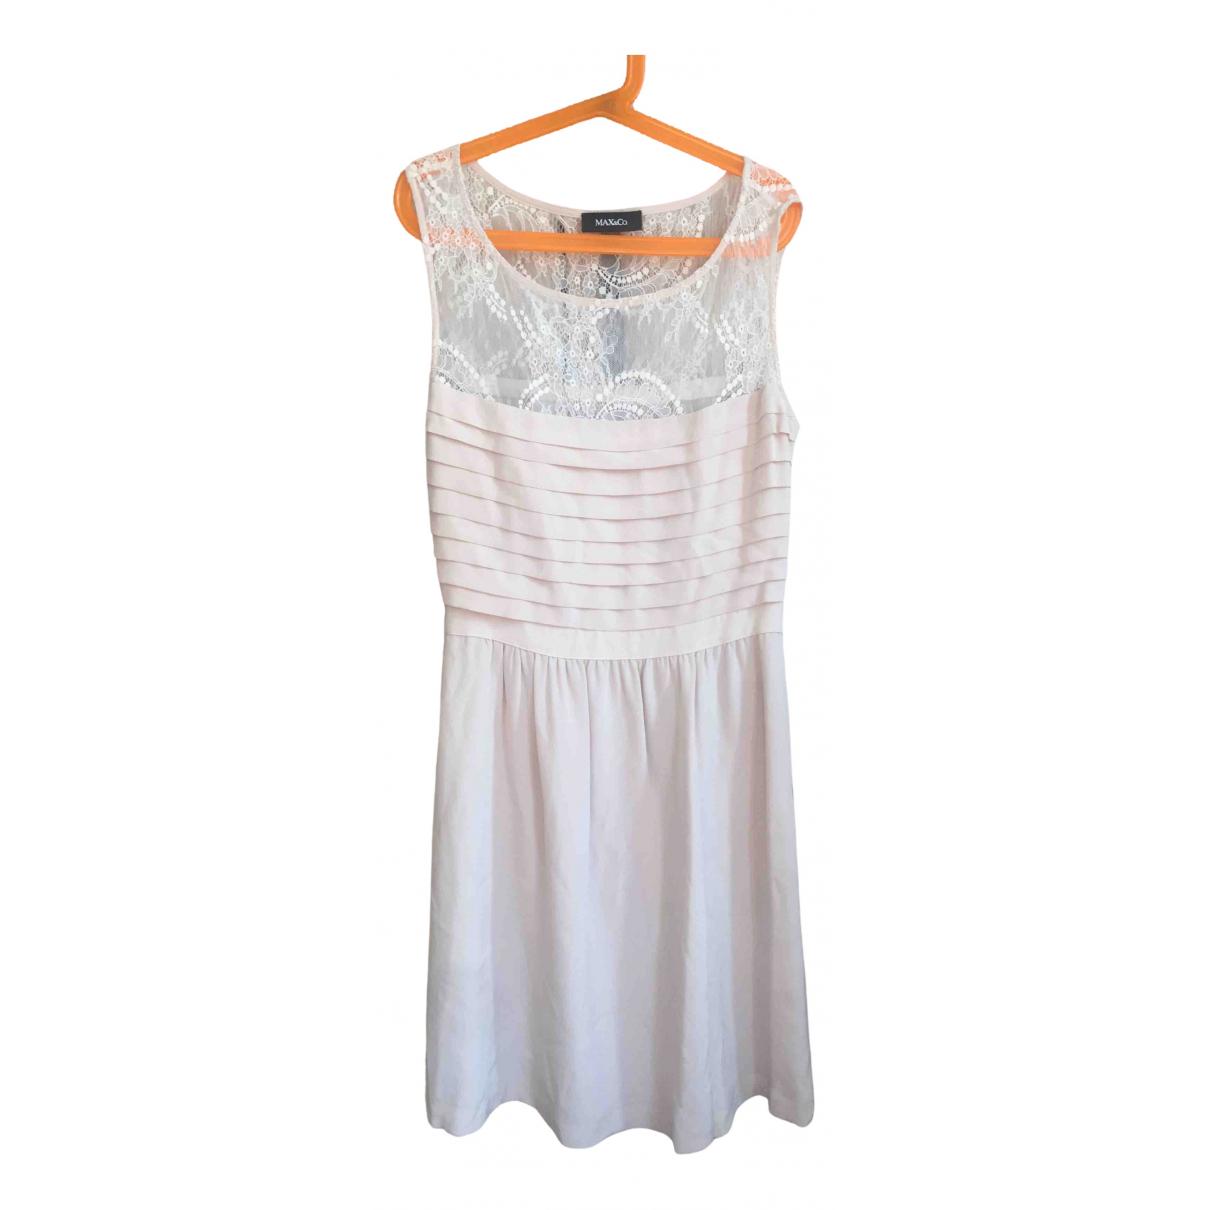 Max & Co \N Kleid in  Beige Seide